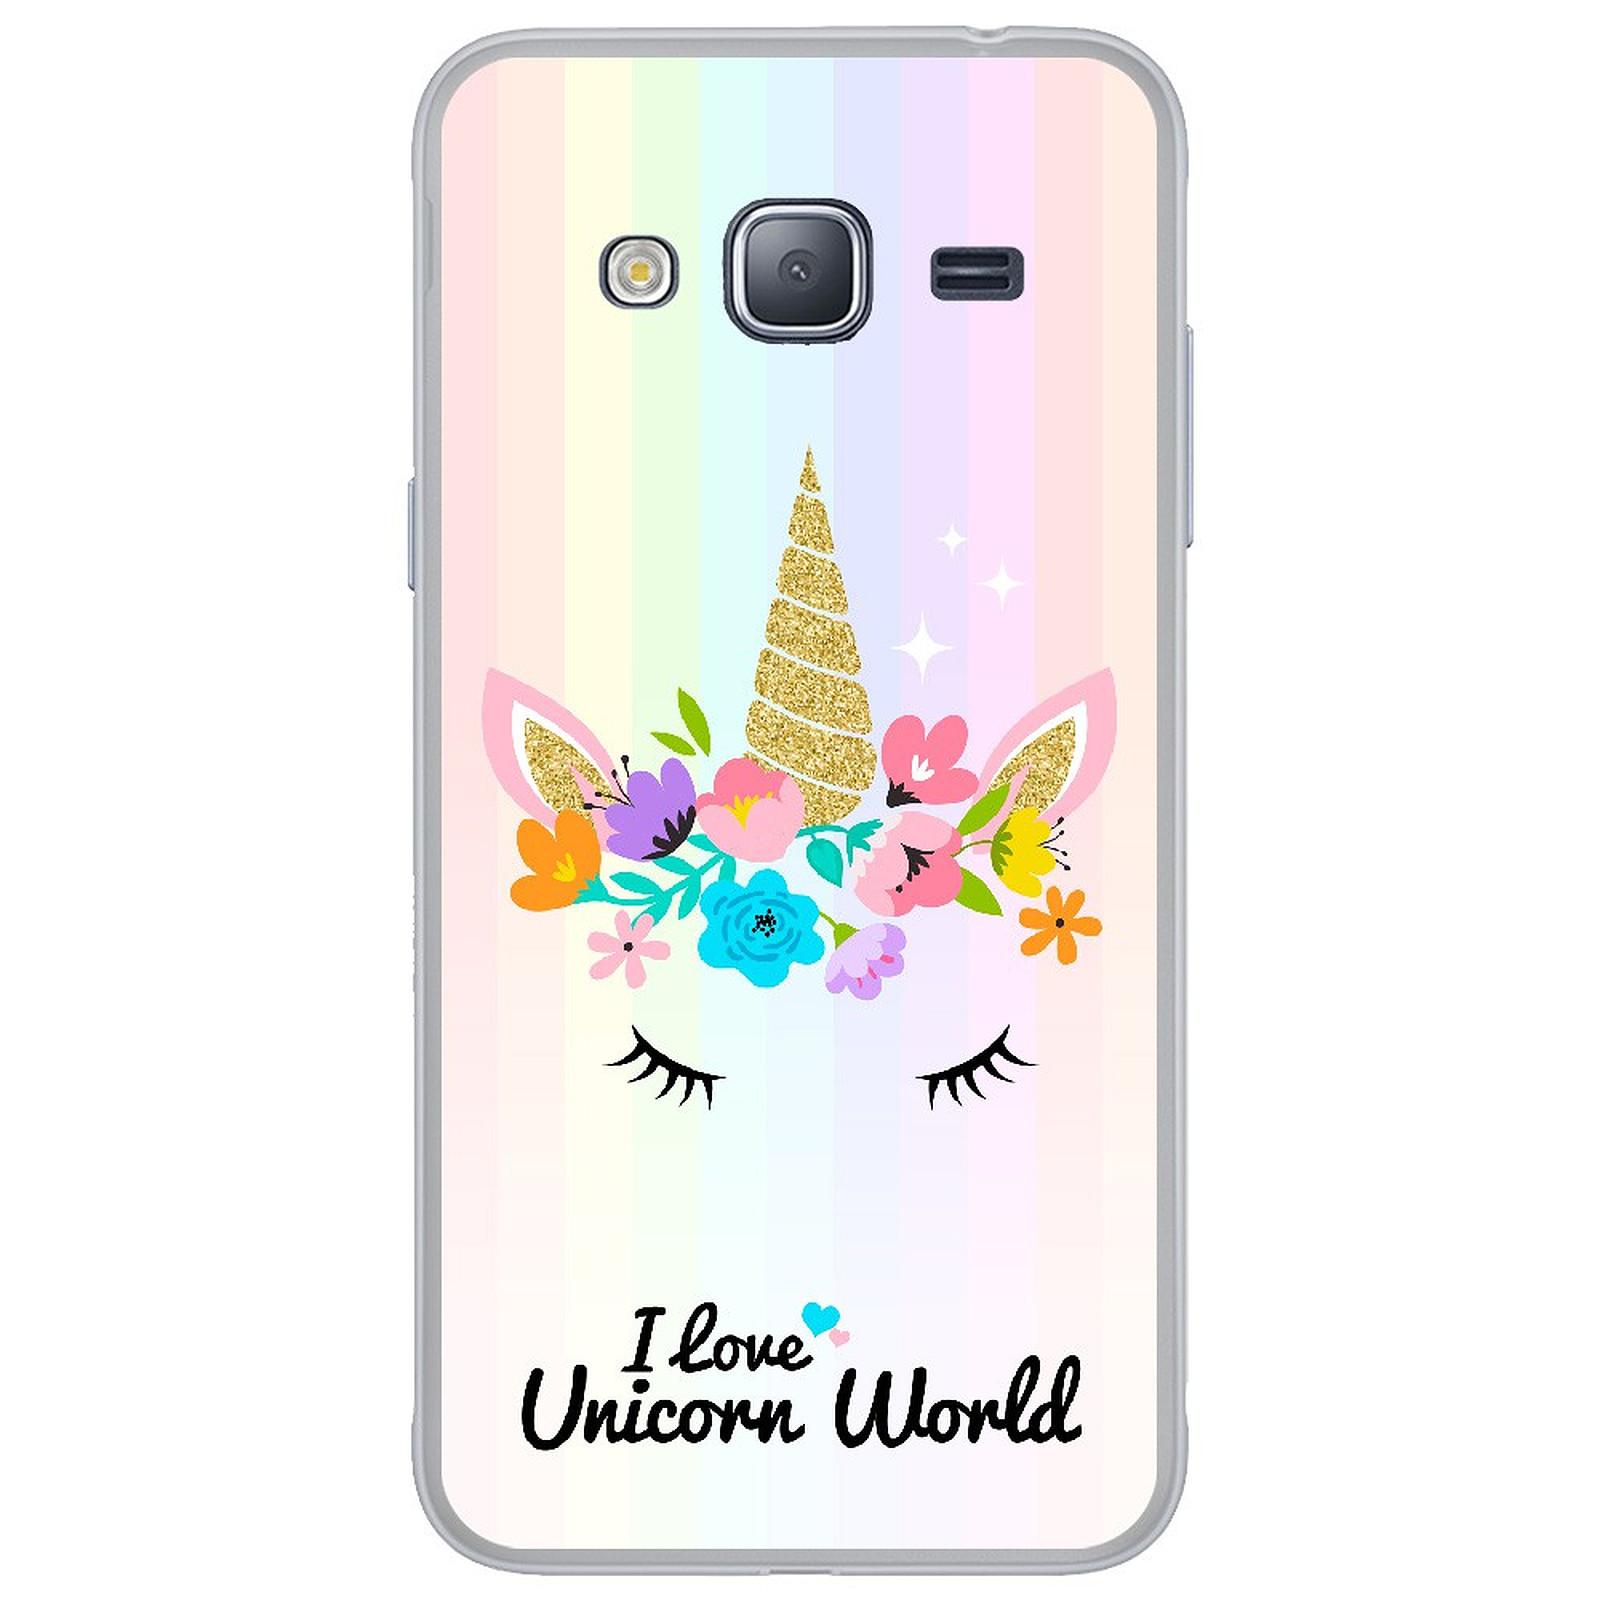 1001 Coques Coque silicone gel Samsung Galaxy J3 2016 motif Unicorn World